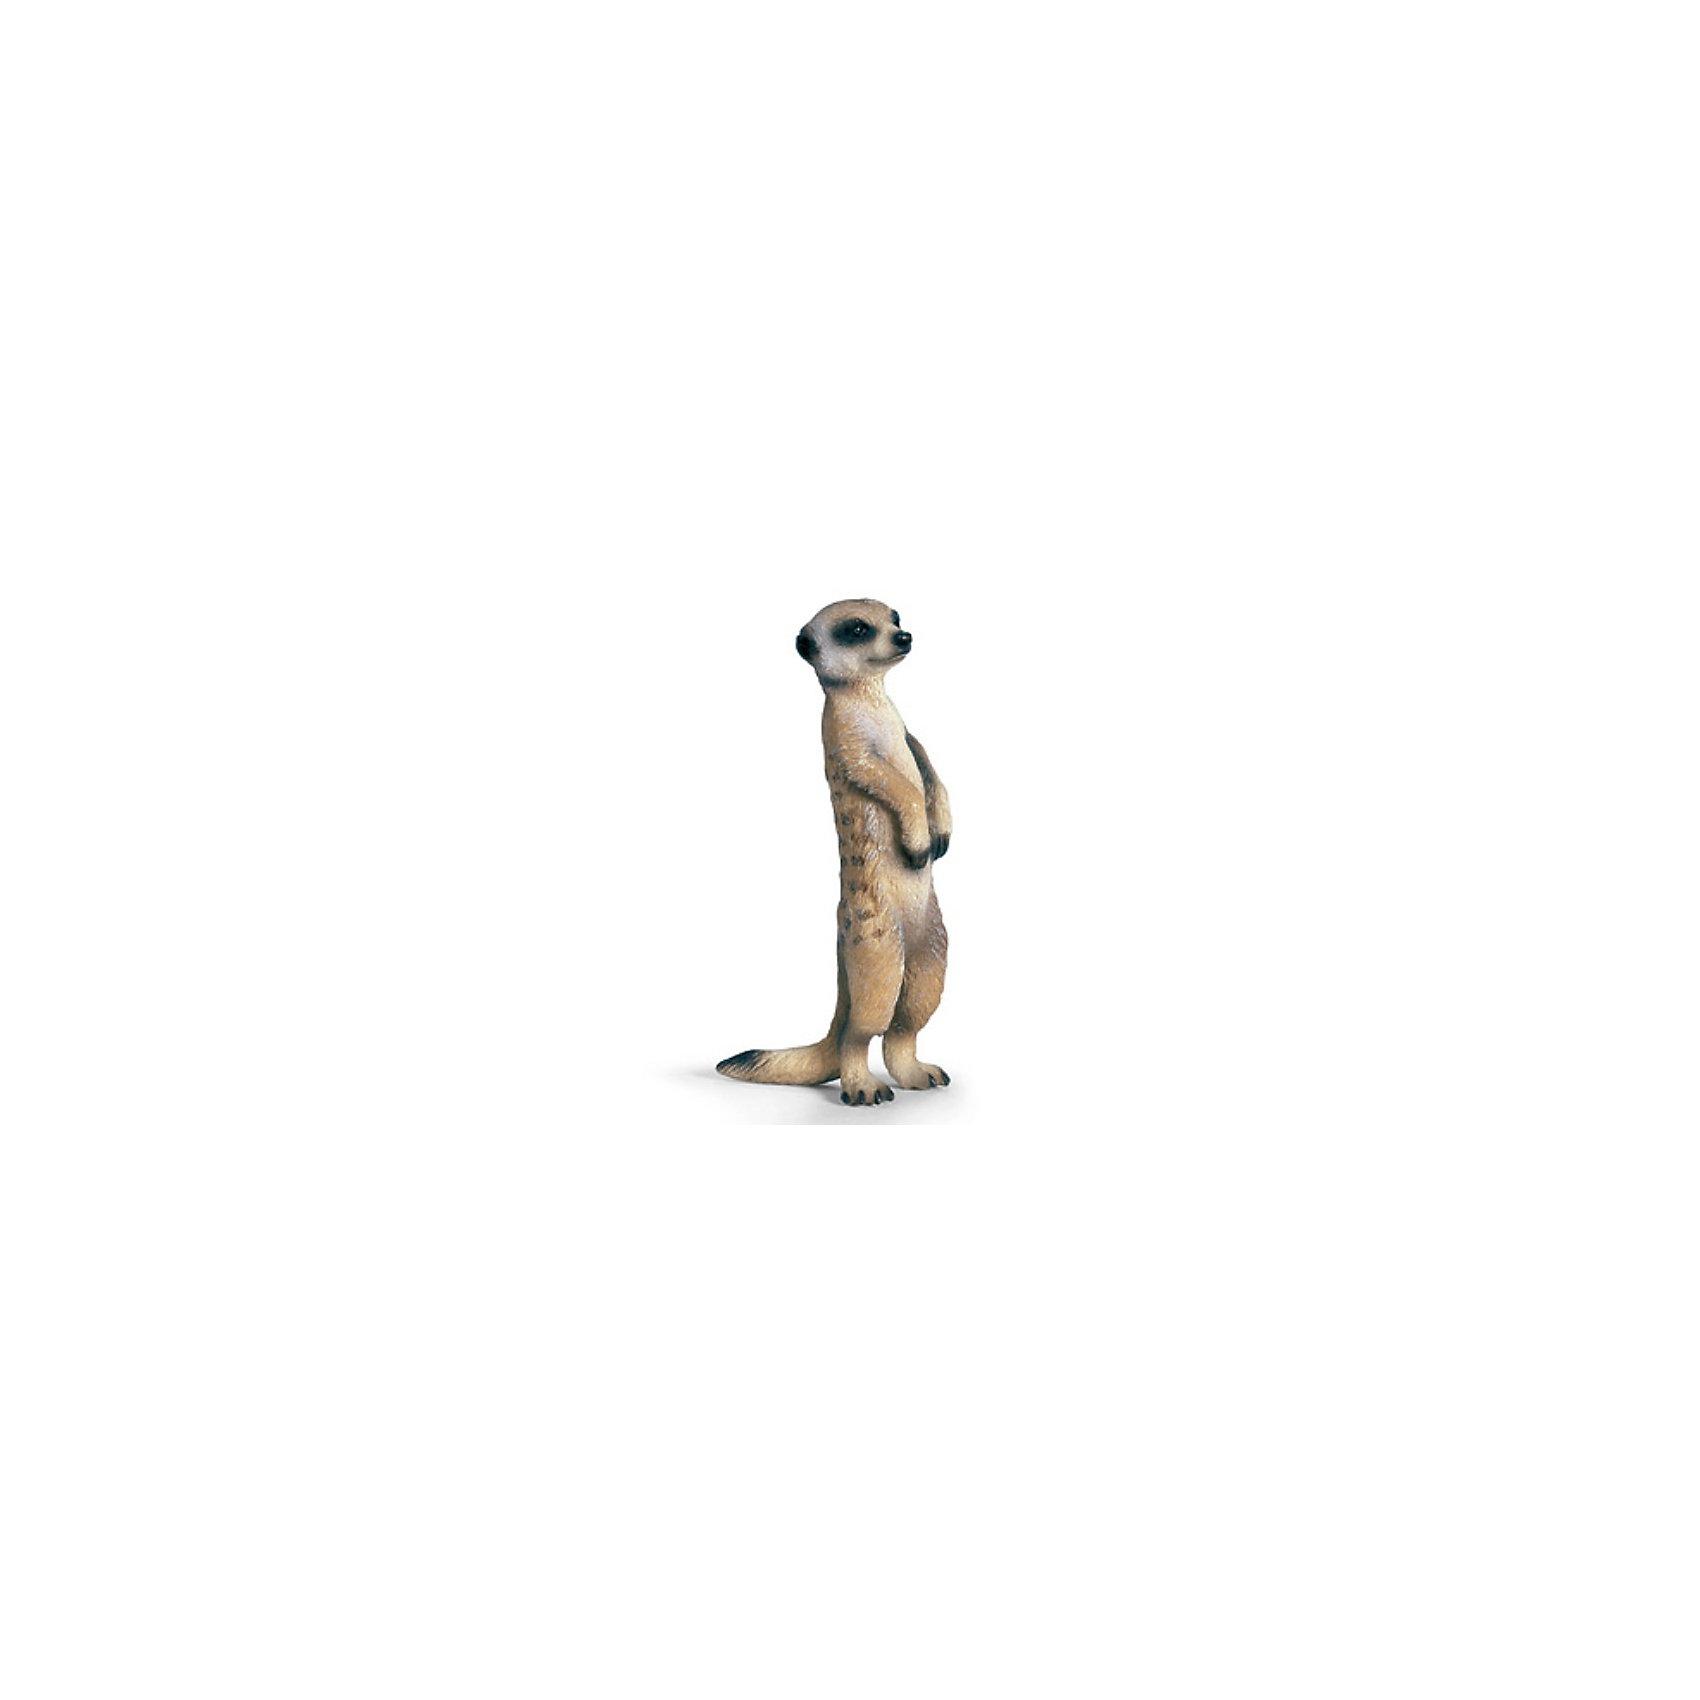 Schleich Schleich Суриката, стоячая. Серия Дикие животные schleich хаска schleich